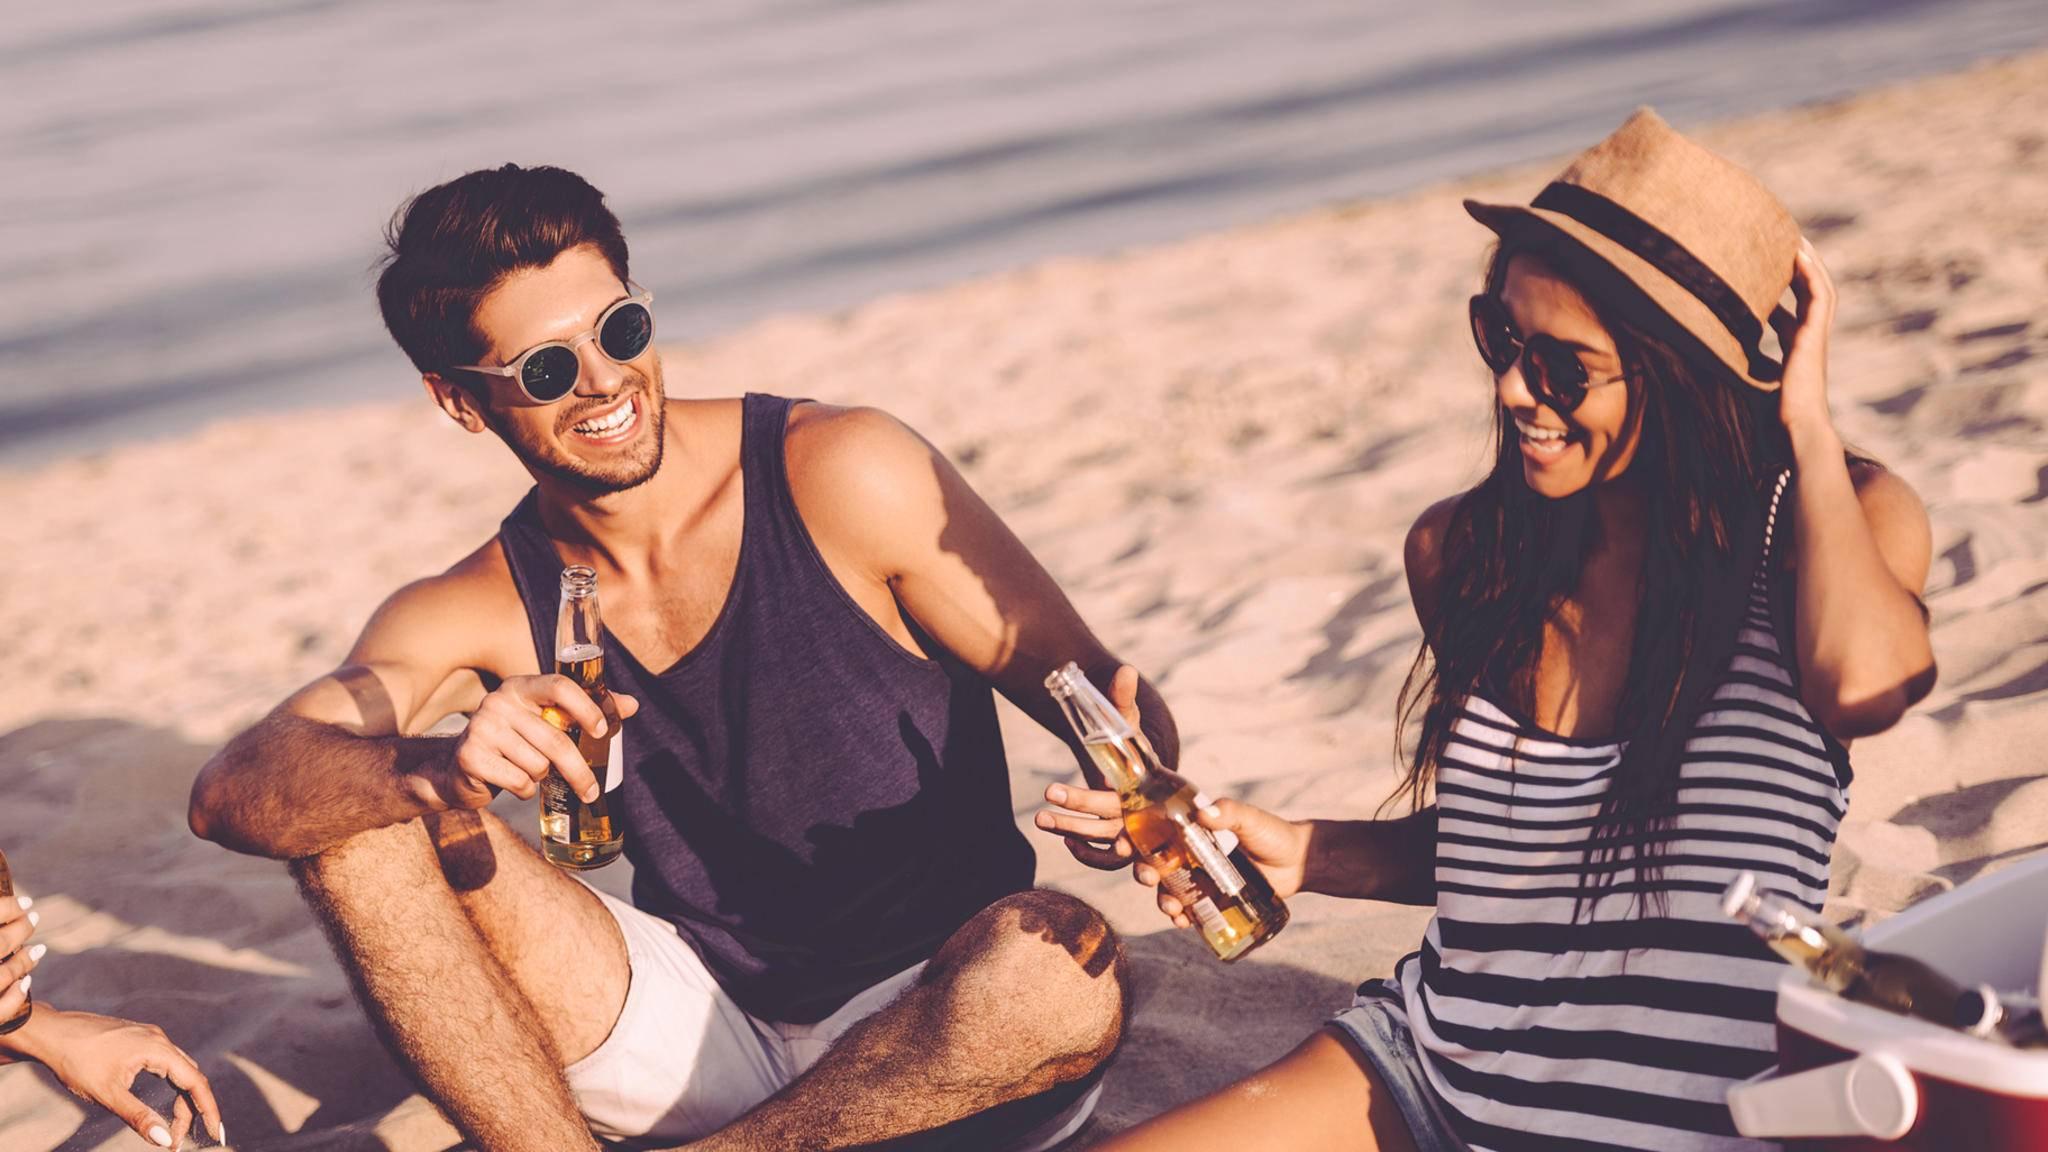 Es braucht nicht viel, um an einem schönen Strandtag glücklich zu sein.